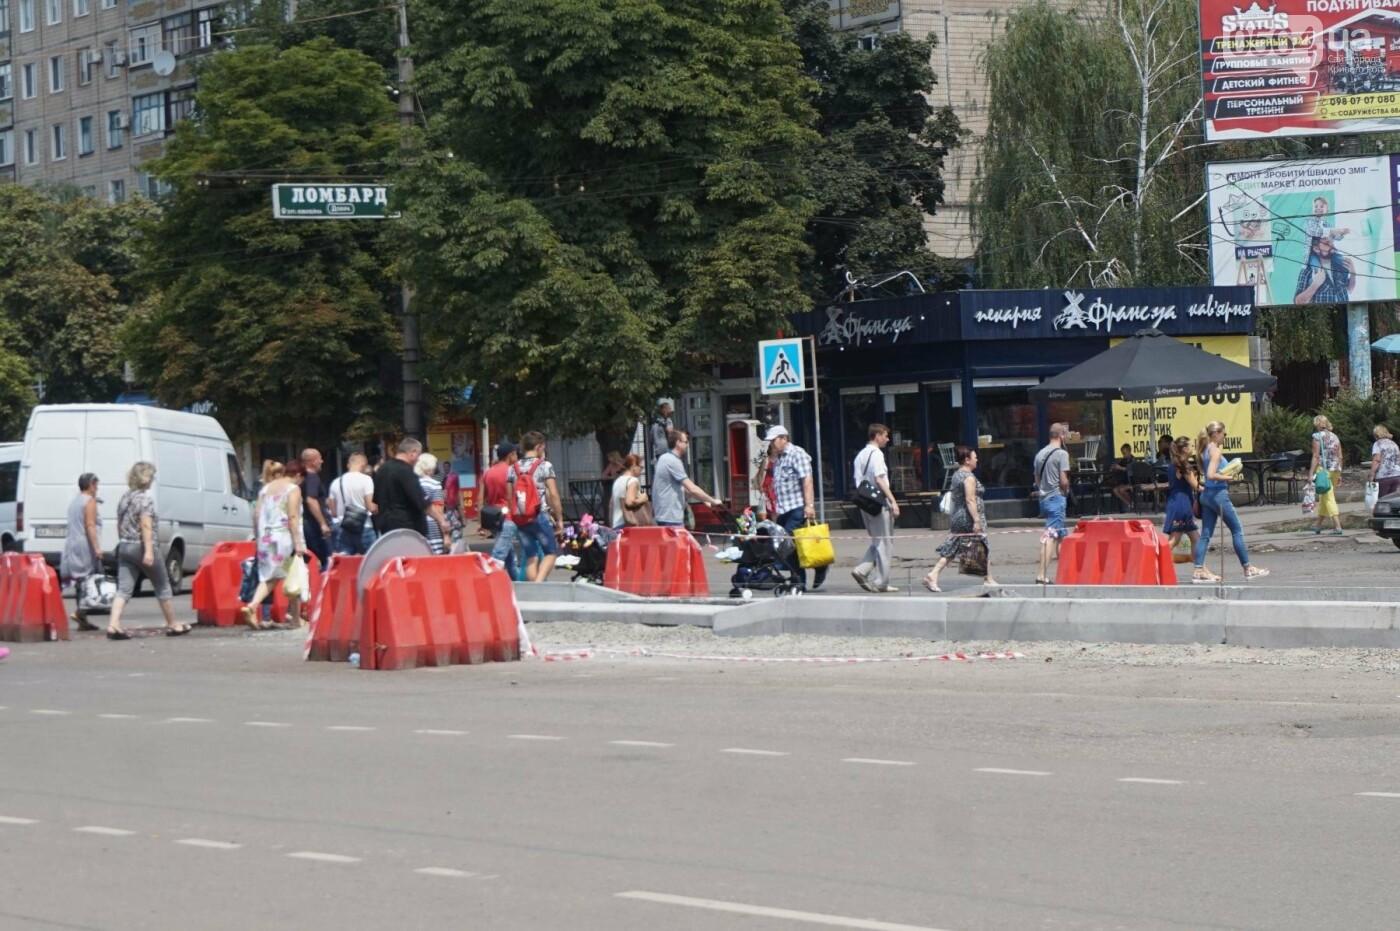 С сегодняшнего дня на центральном проспекте Кривого Рога отменены 3 остановки и запрещена парковка, - ФОТО, фото-25